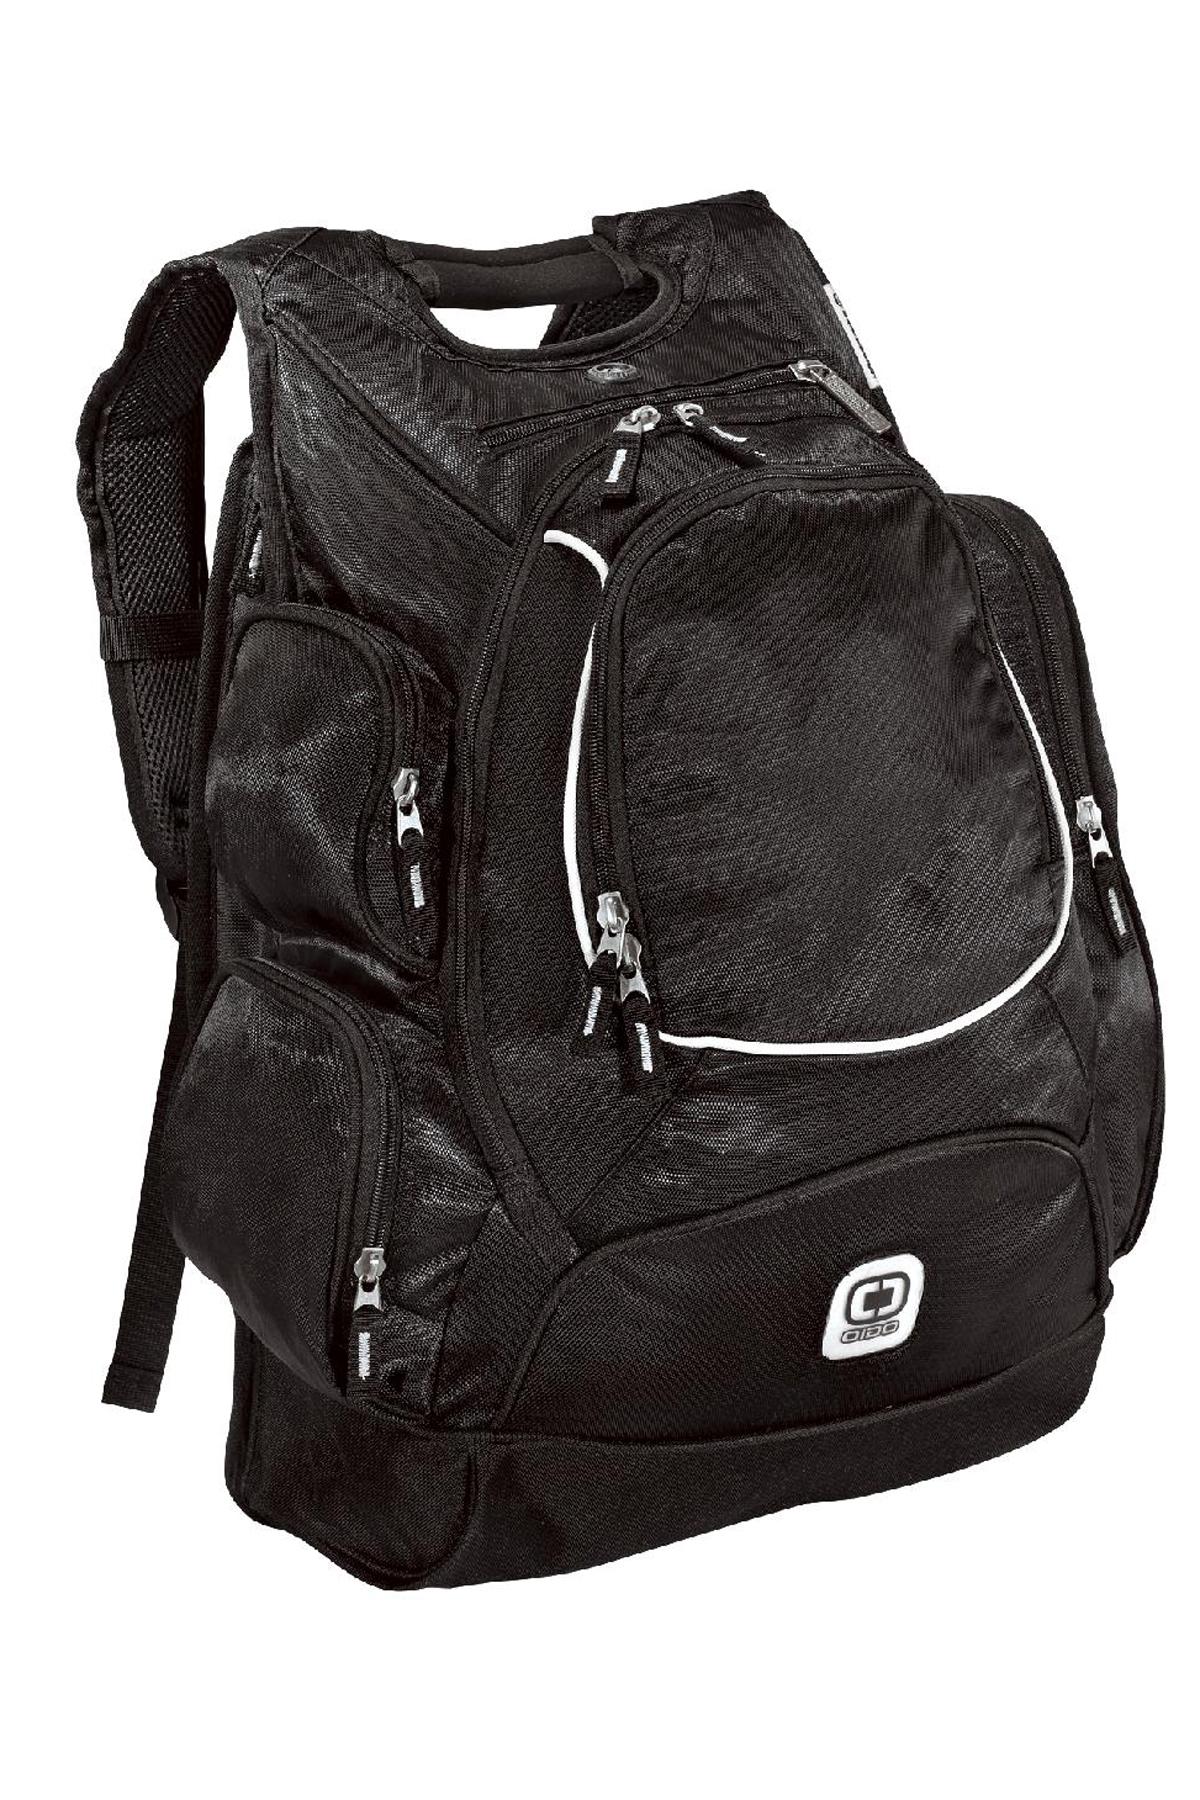 Bags-Backpacks-3